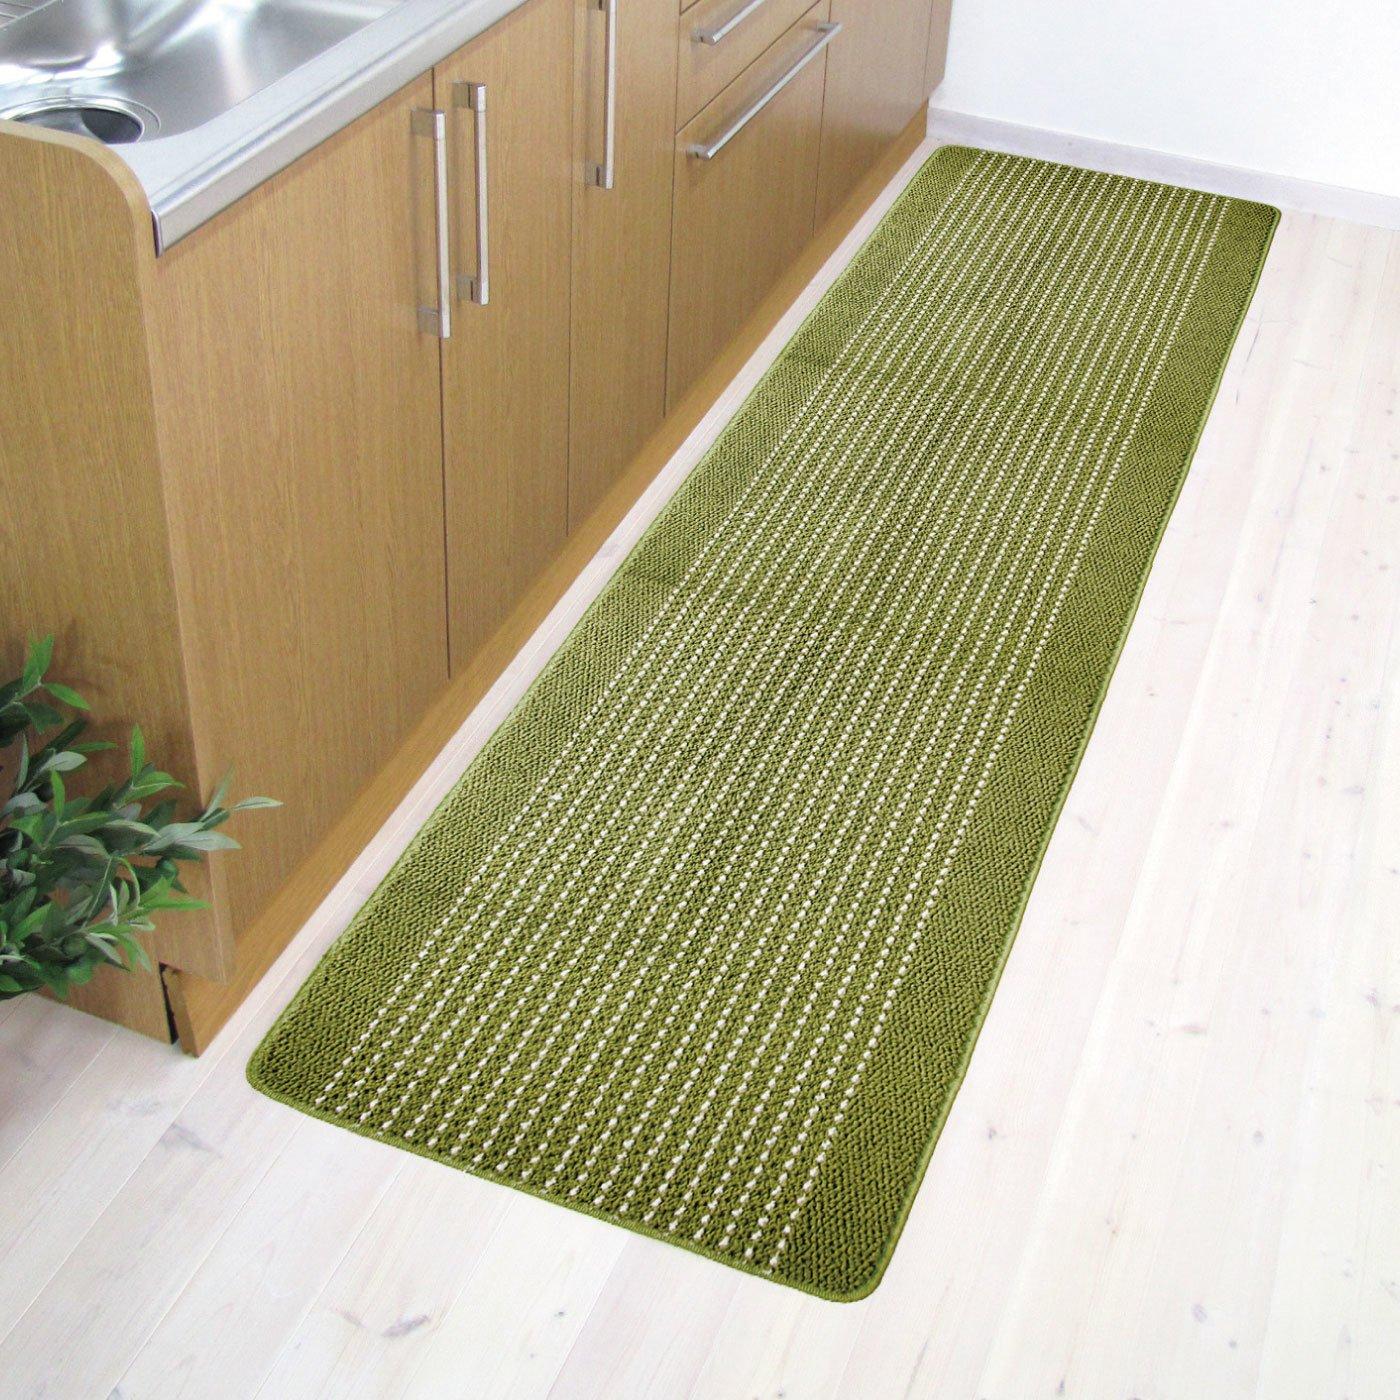 優踏生 洗いやすいキッチンマット60×240